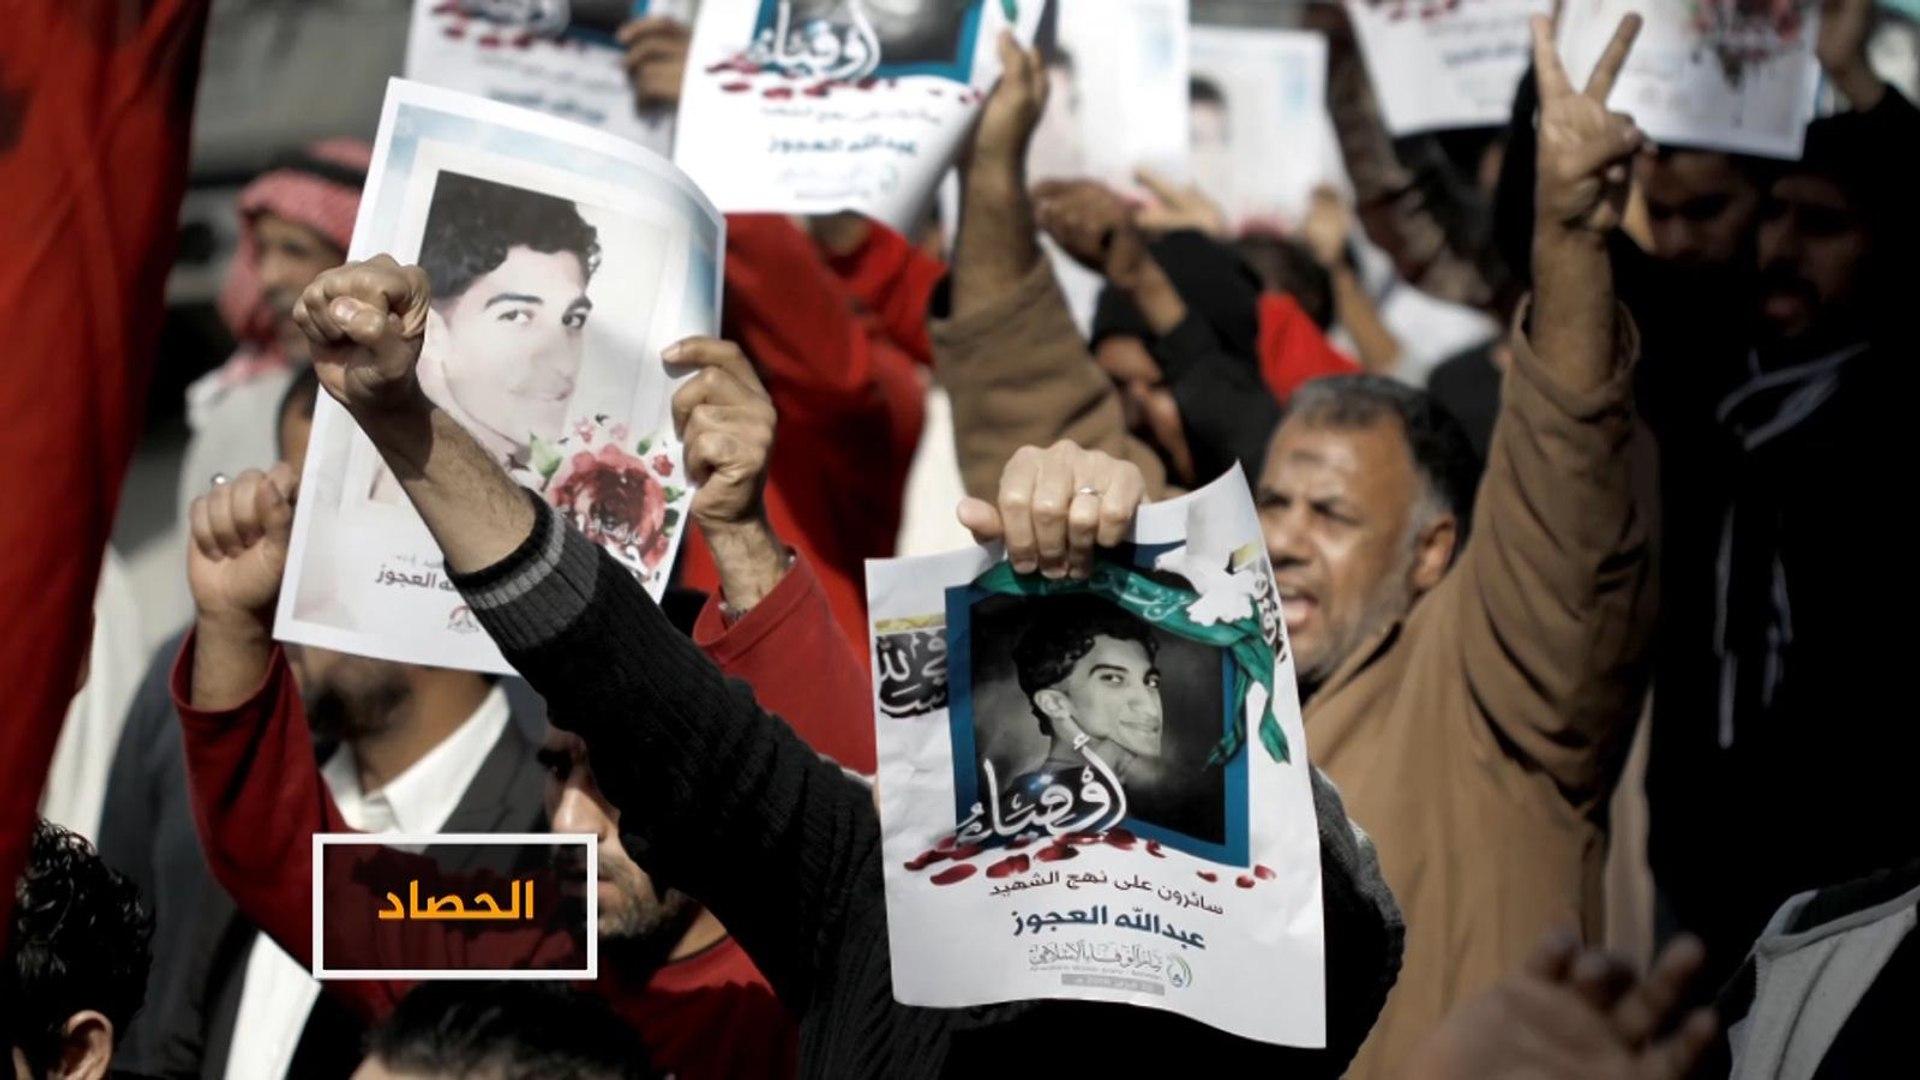 هيومن رايتس: البحرين تتجه للمرتبة الأولى في نزع الجنسية